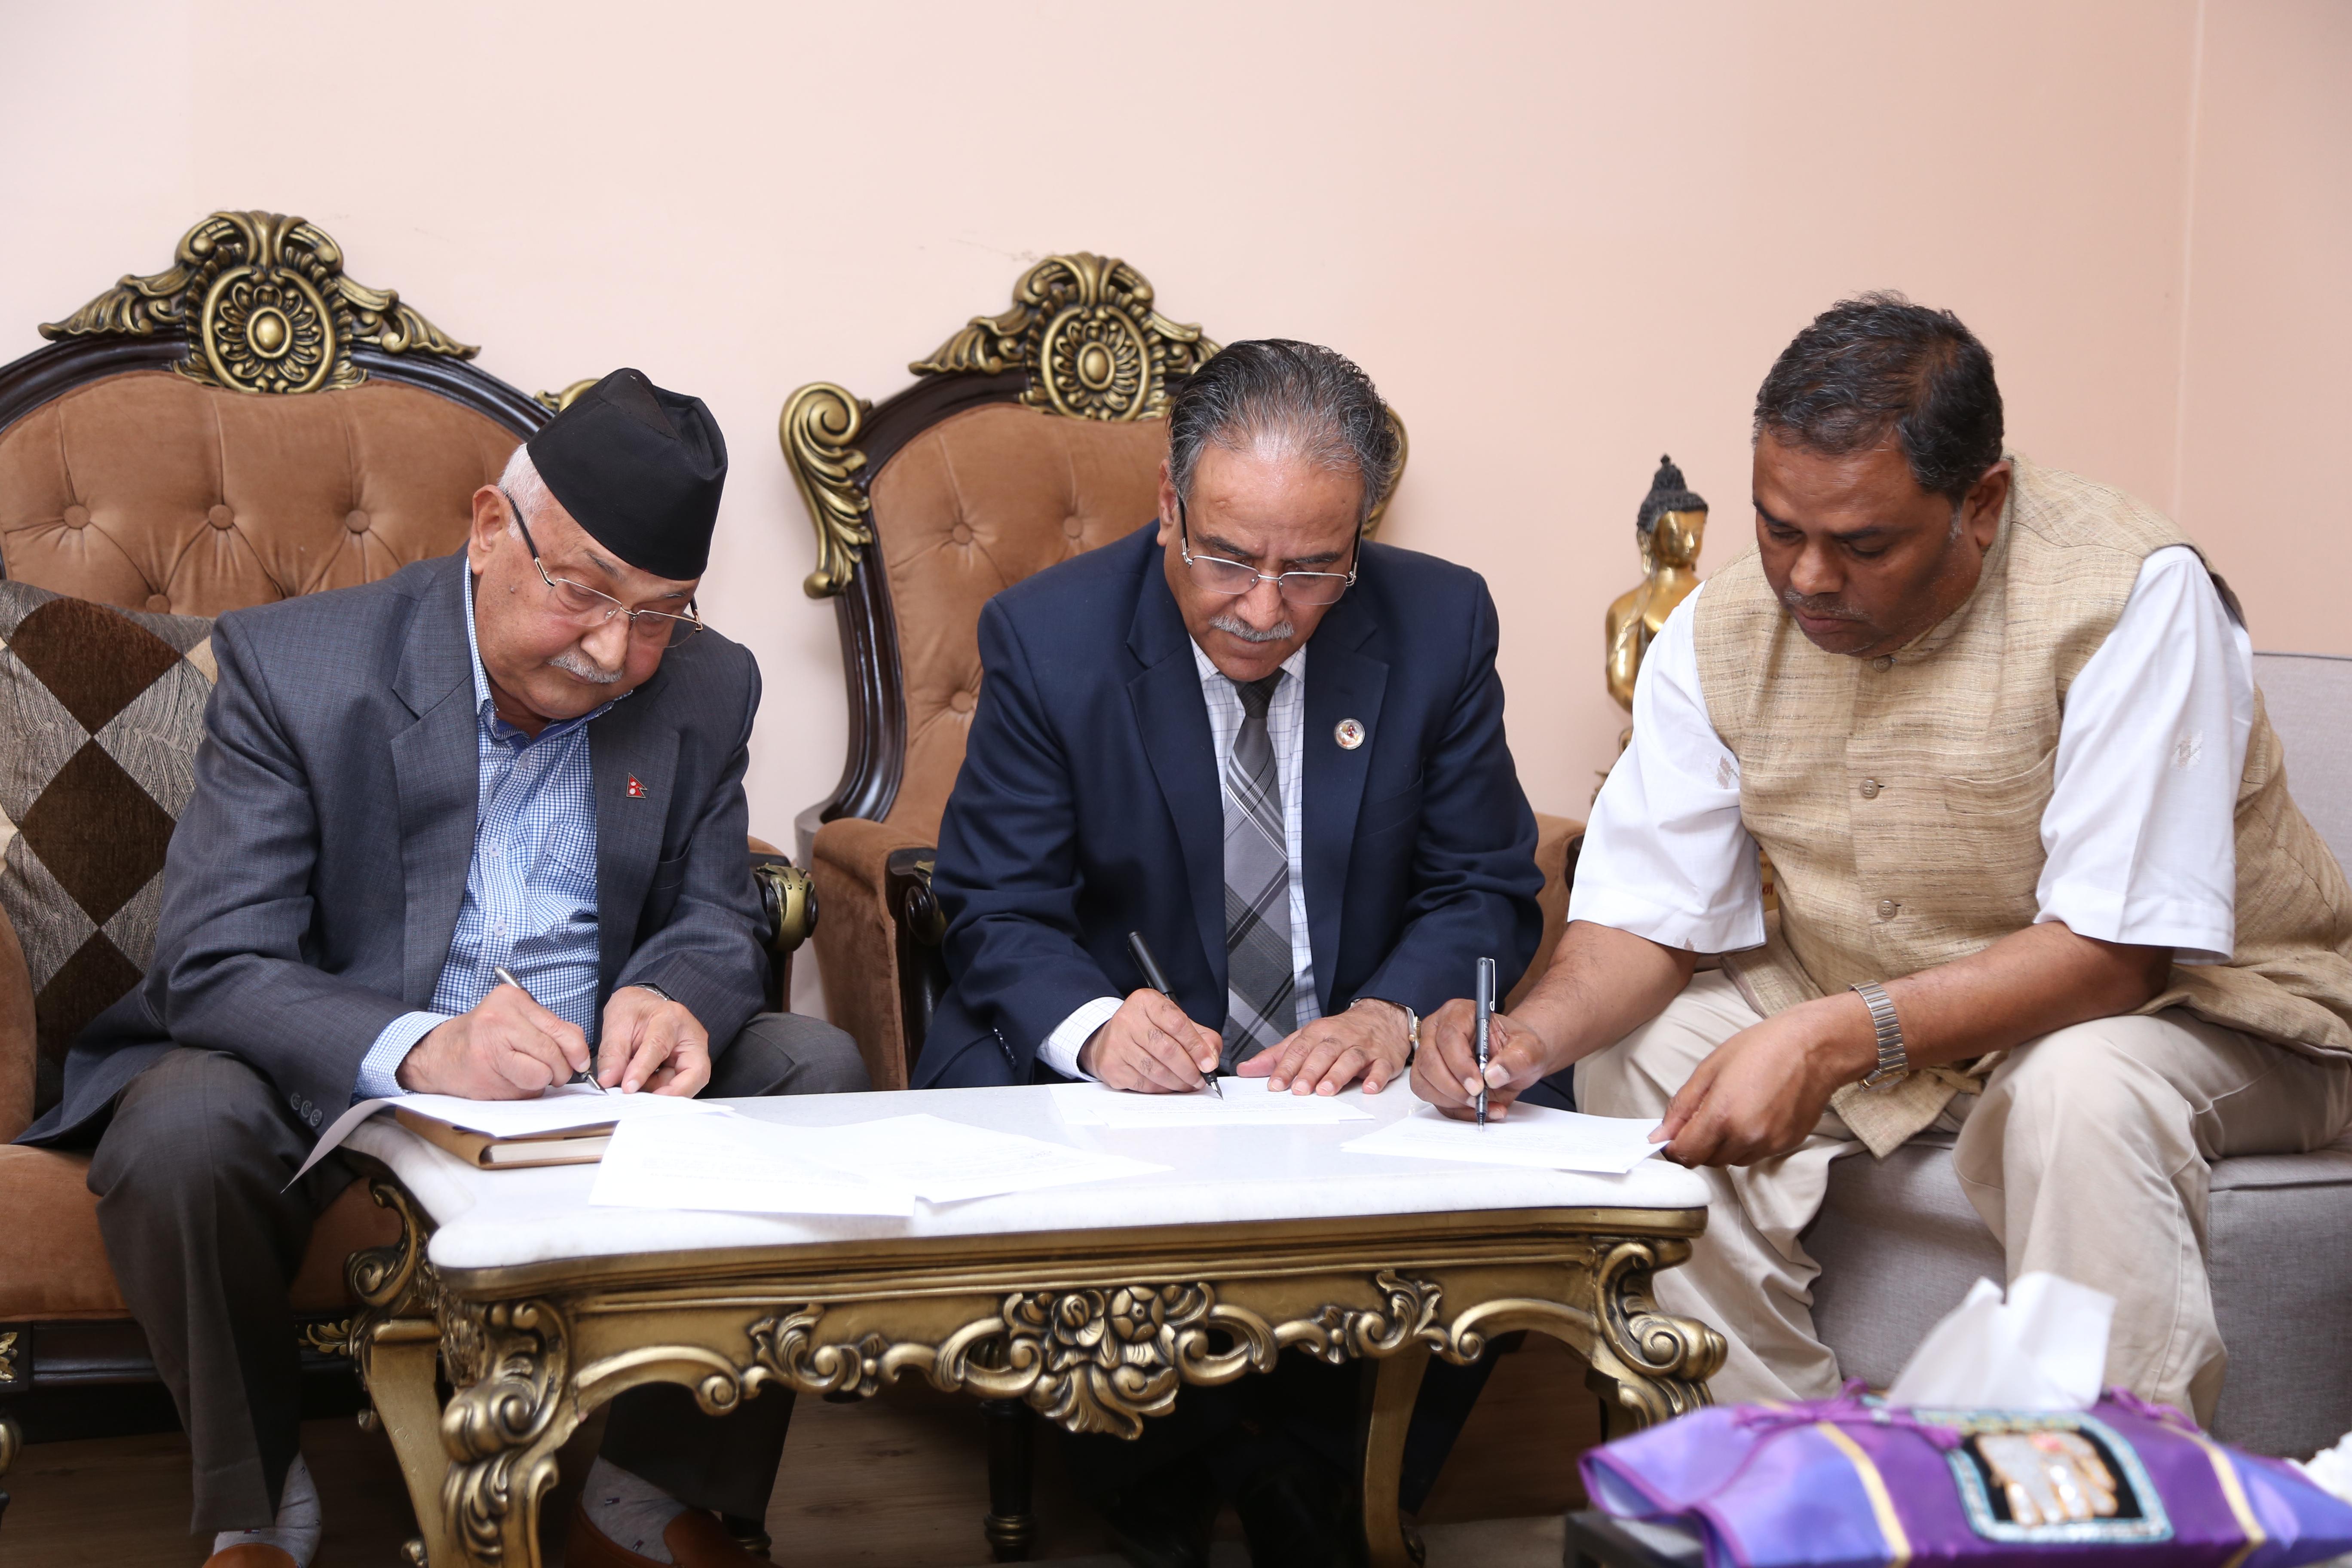 नेकपा र फोरमबीच दुई बुँदे सहमति, अब फोरम सरकारमा [सहमतिपत्र सहित]